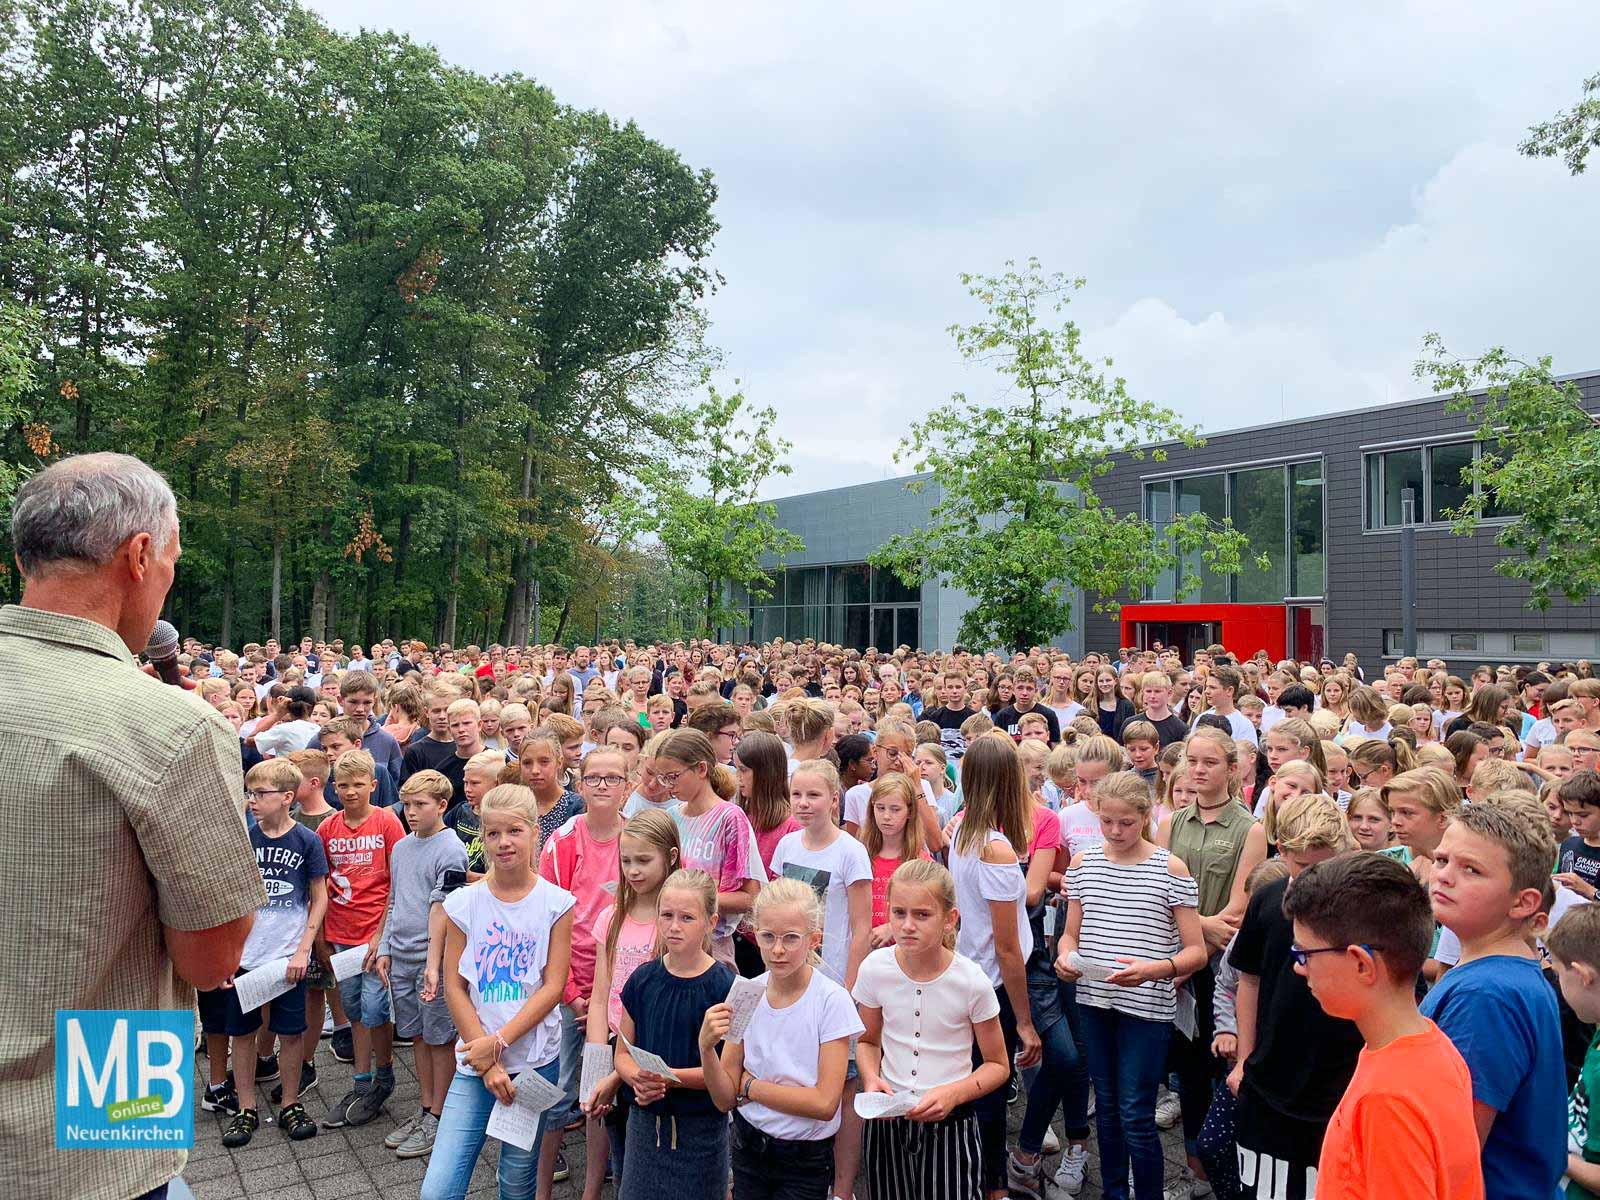 Schulgemeindegottesdienst auf dem Schulhof des AJG. | Foto: AJG/Lohmann